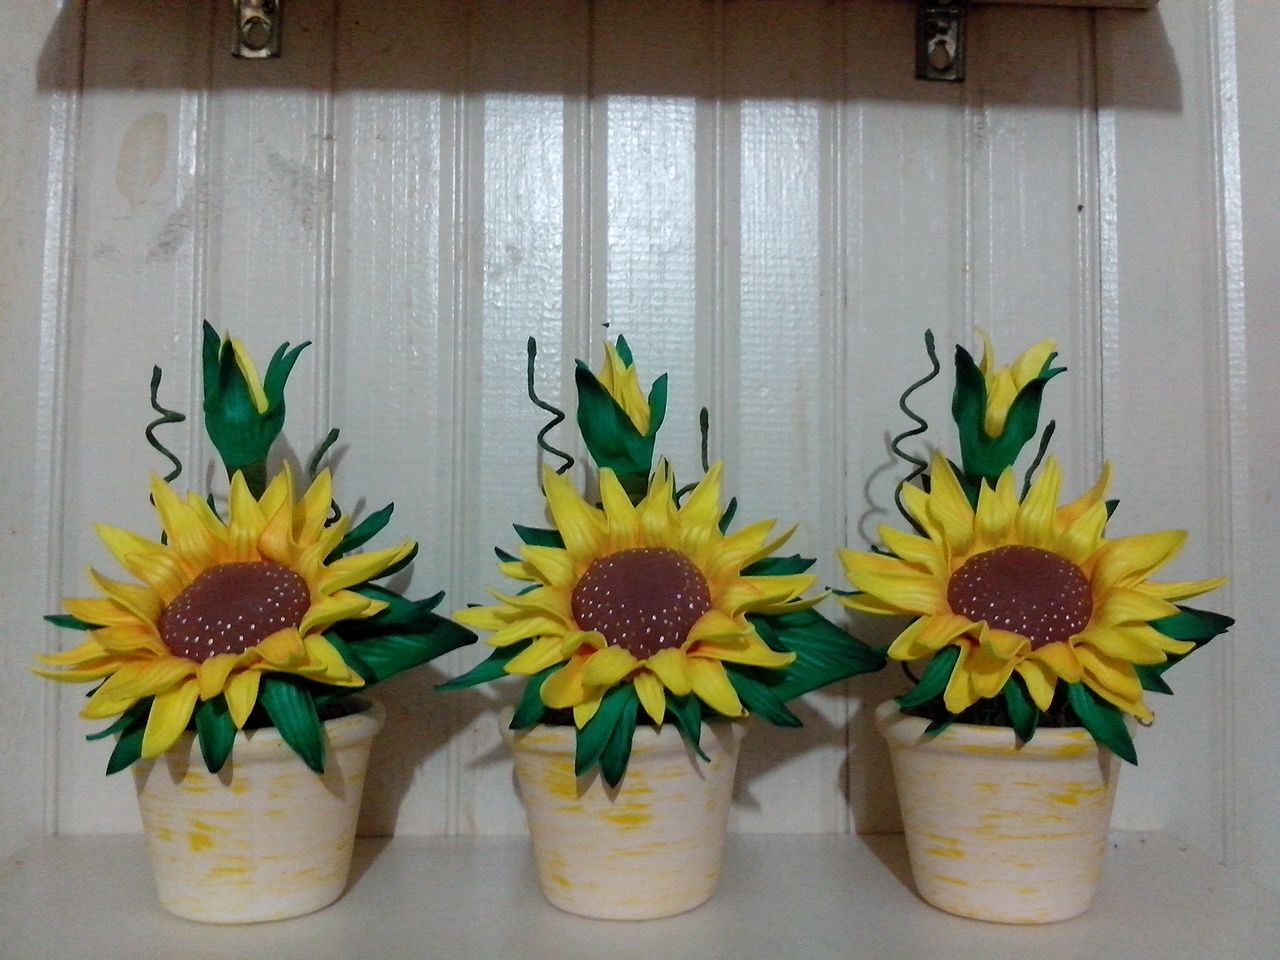 IMG_20160426_162315.jpg 1,280×960 pixels   Flores artesanato, Arranjos de  girassol, Arranjos de flores